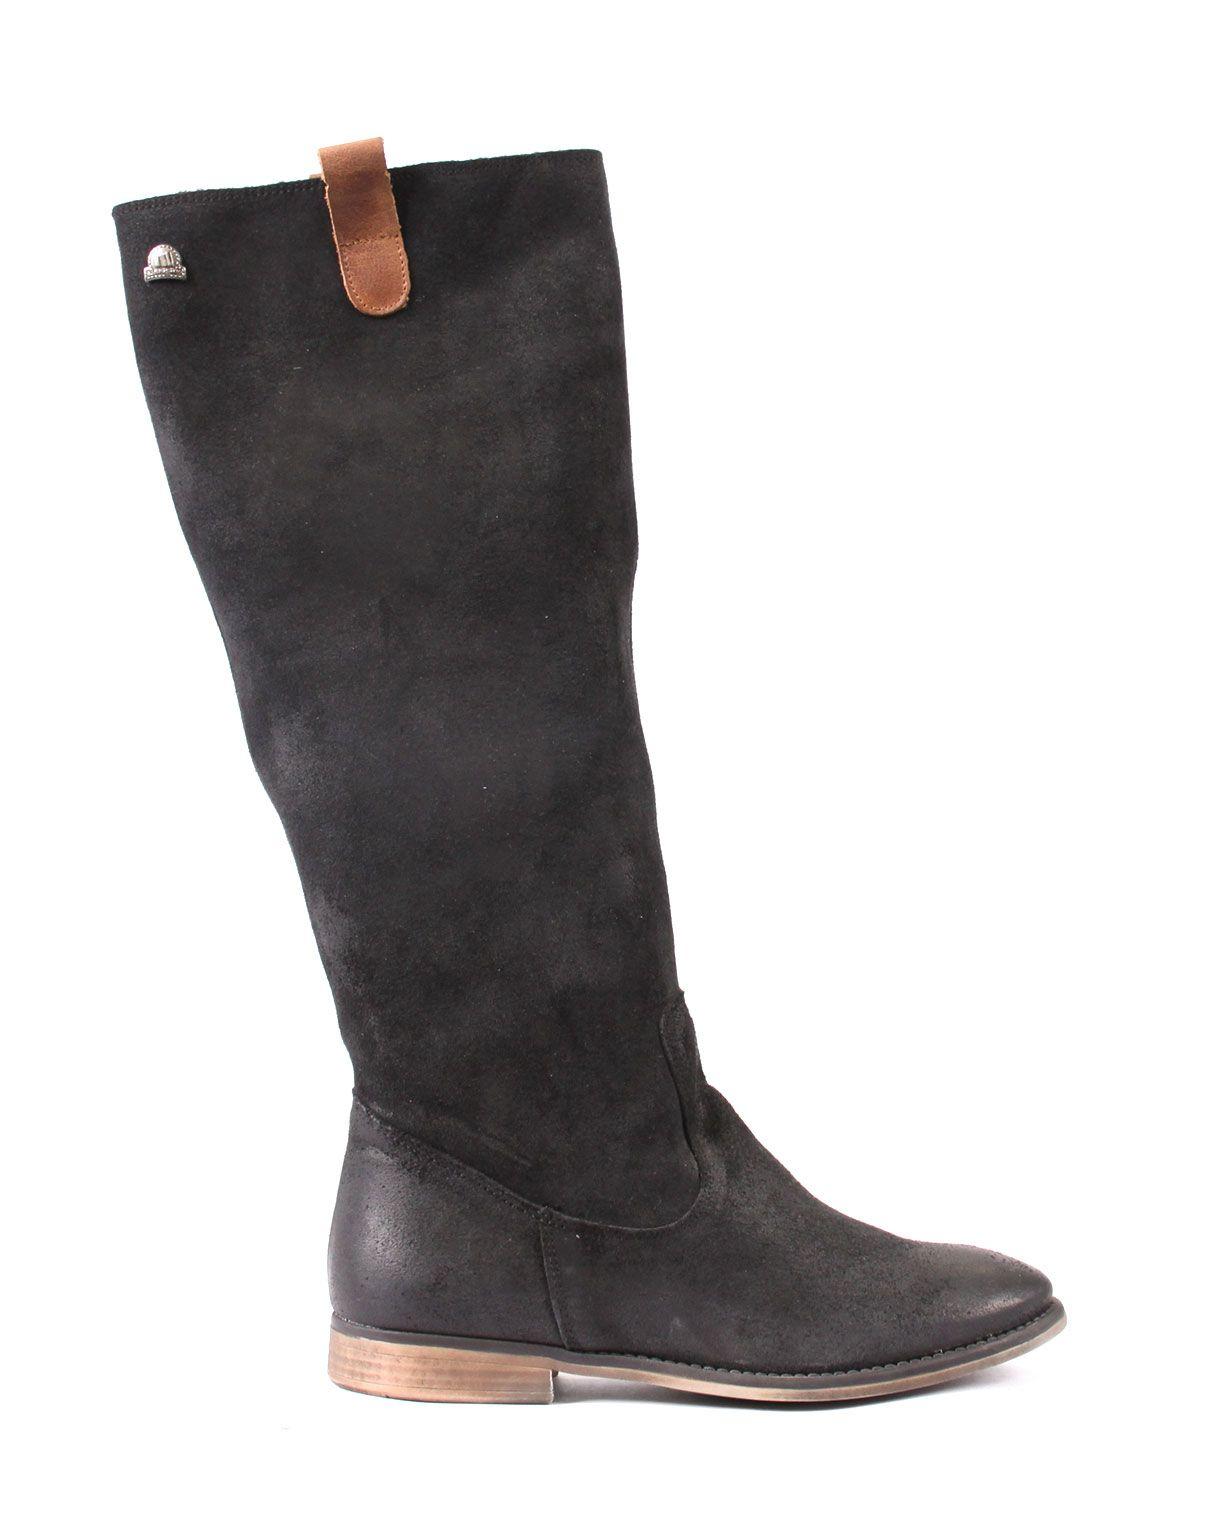 90029 mtng mustang mujer bota wax negro rustico cuero. Más información en : www.modacalzadoarea7bypiccola.es